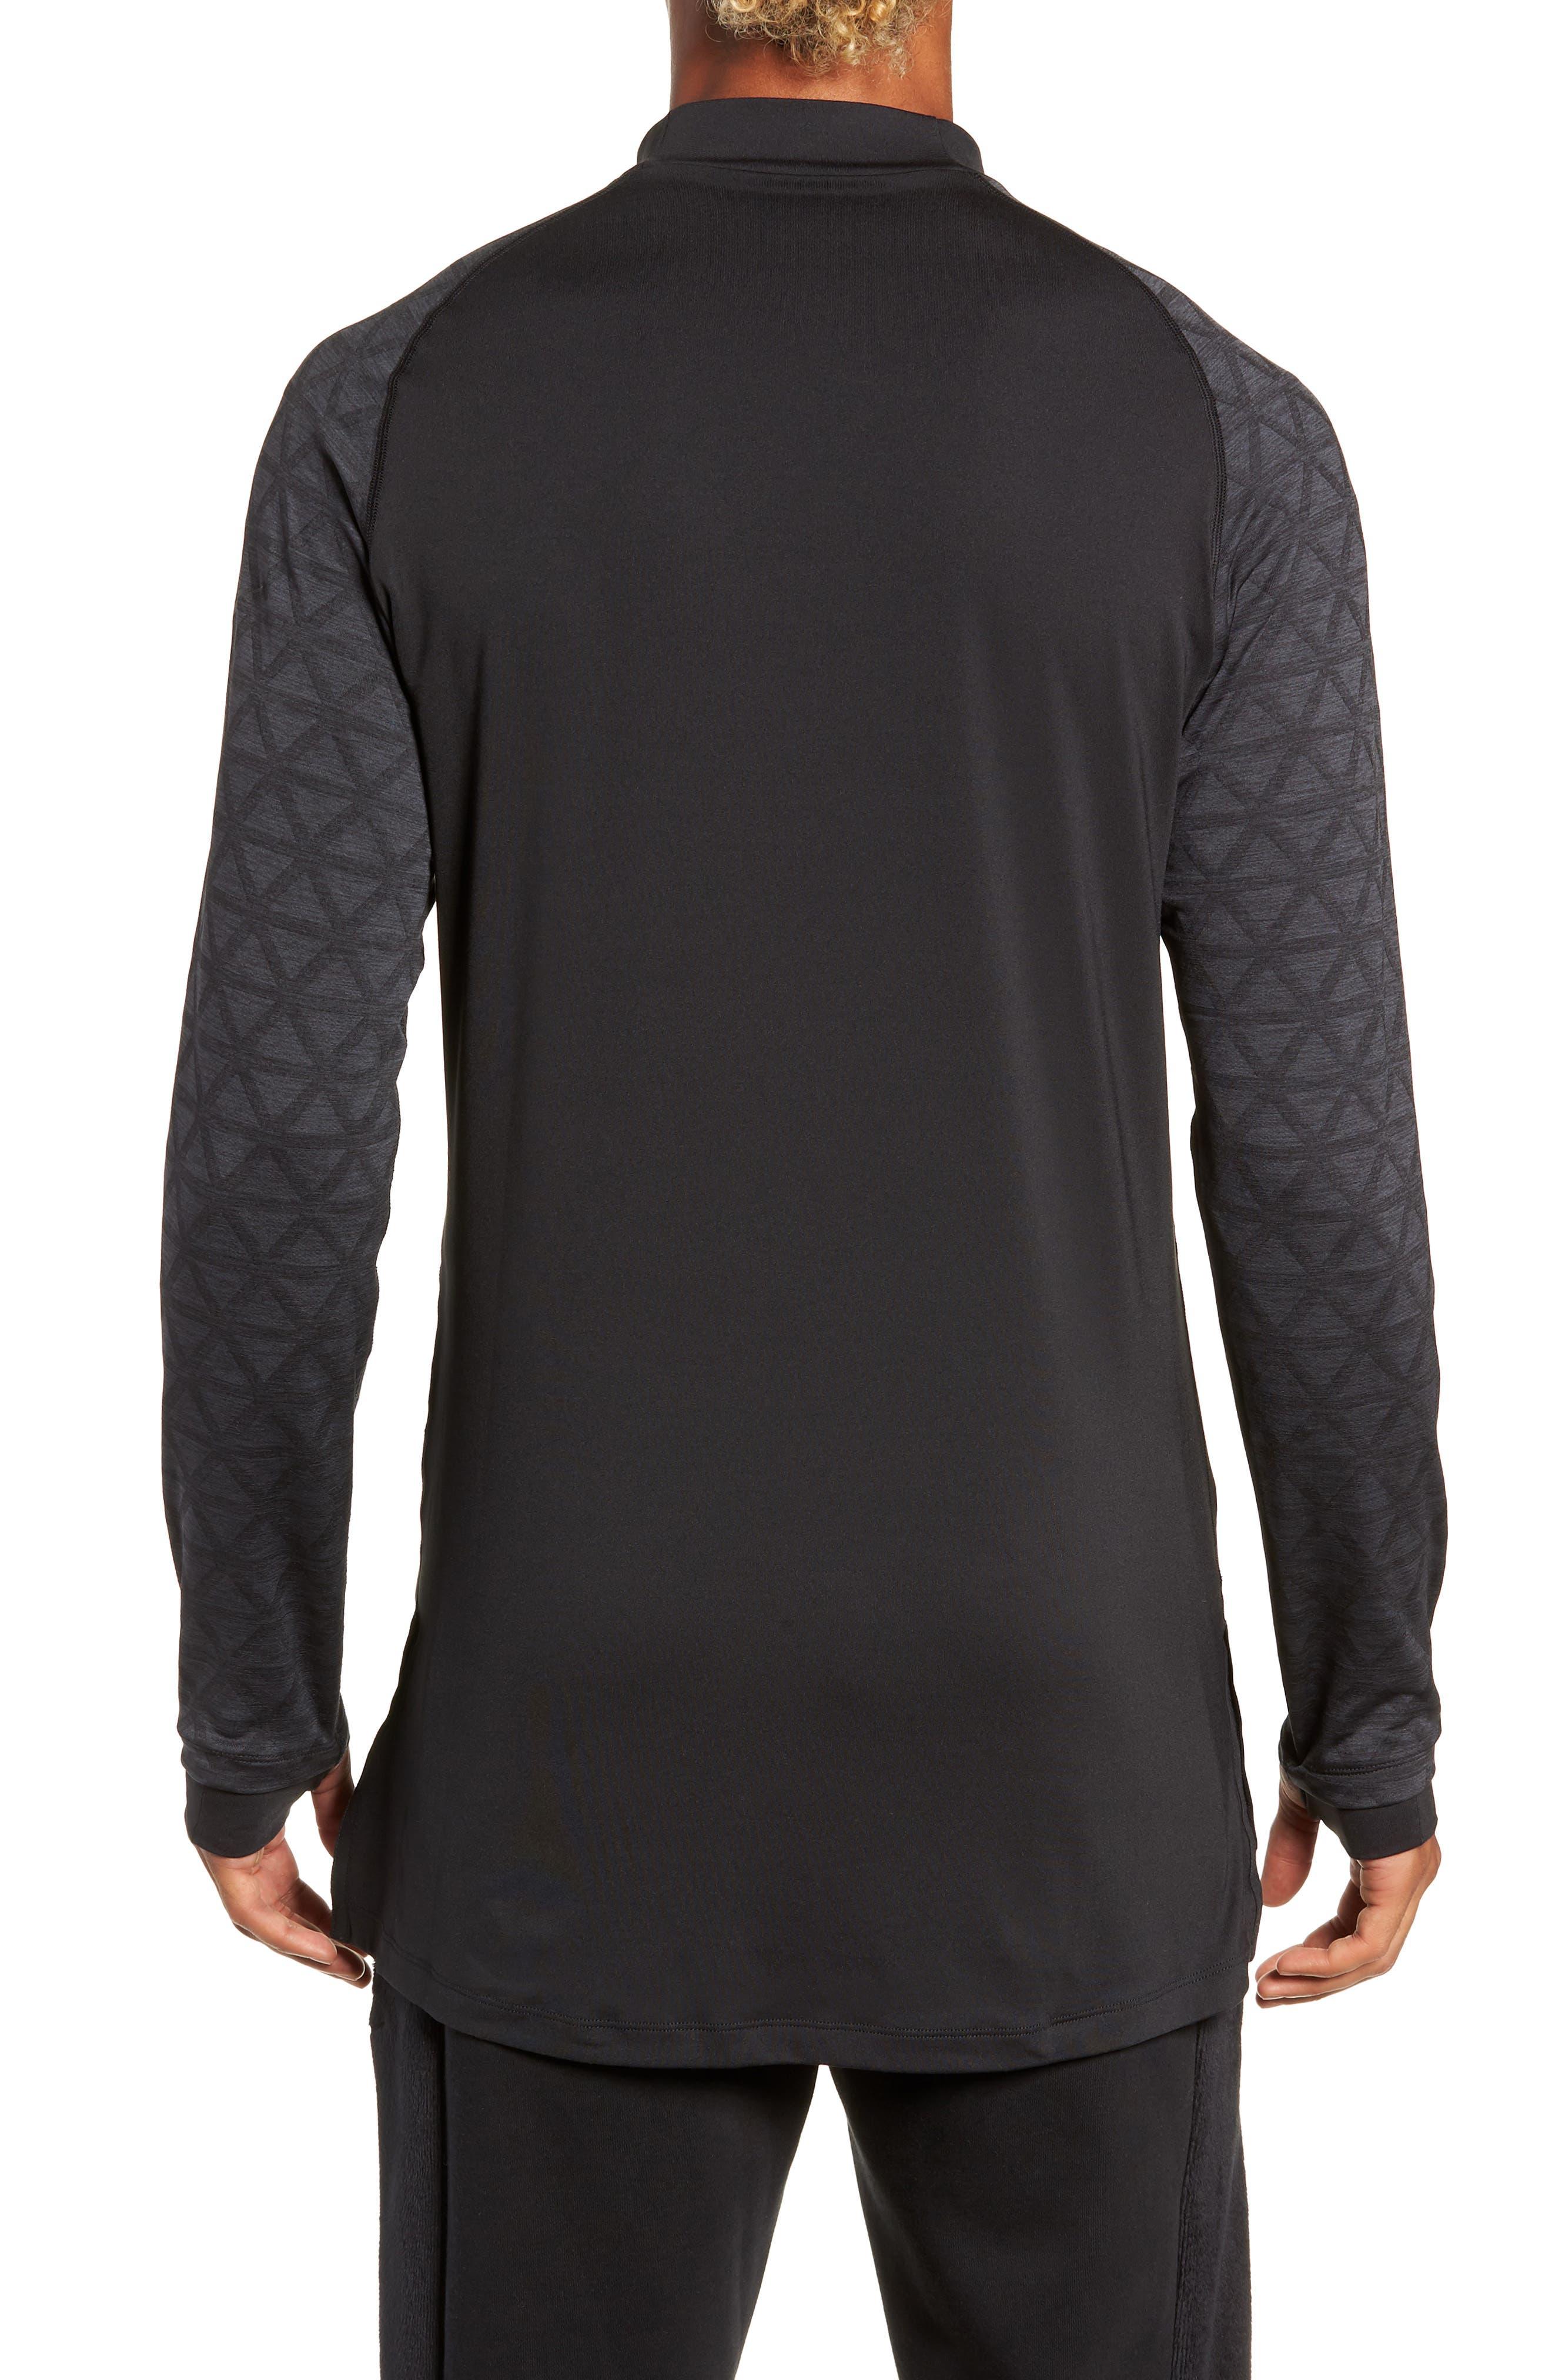 NIKE,                             Niko Pro Therma Long Sleeve Mock Neck T-Shirt,                             Alternate thumbnail 2, color,                             010